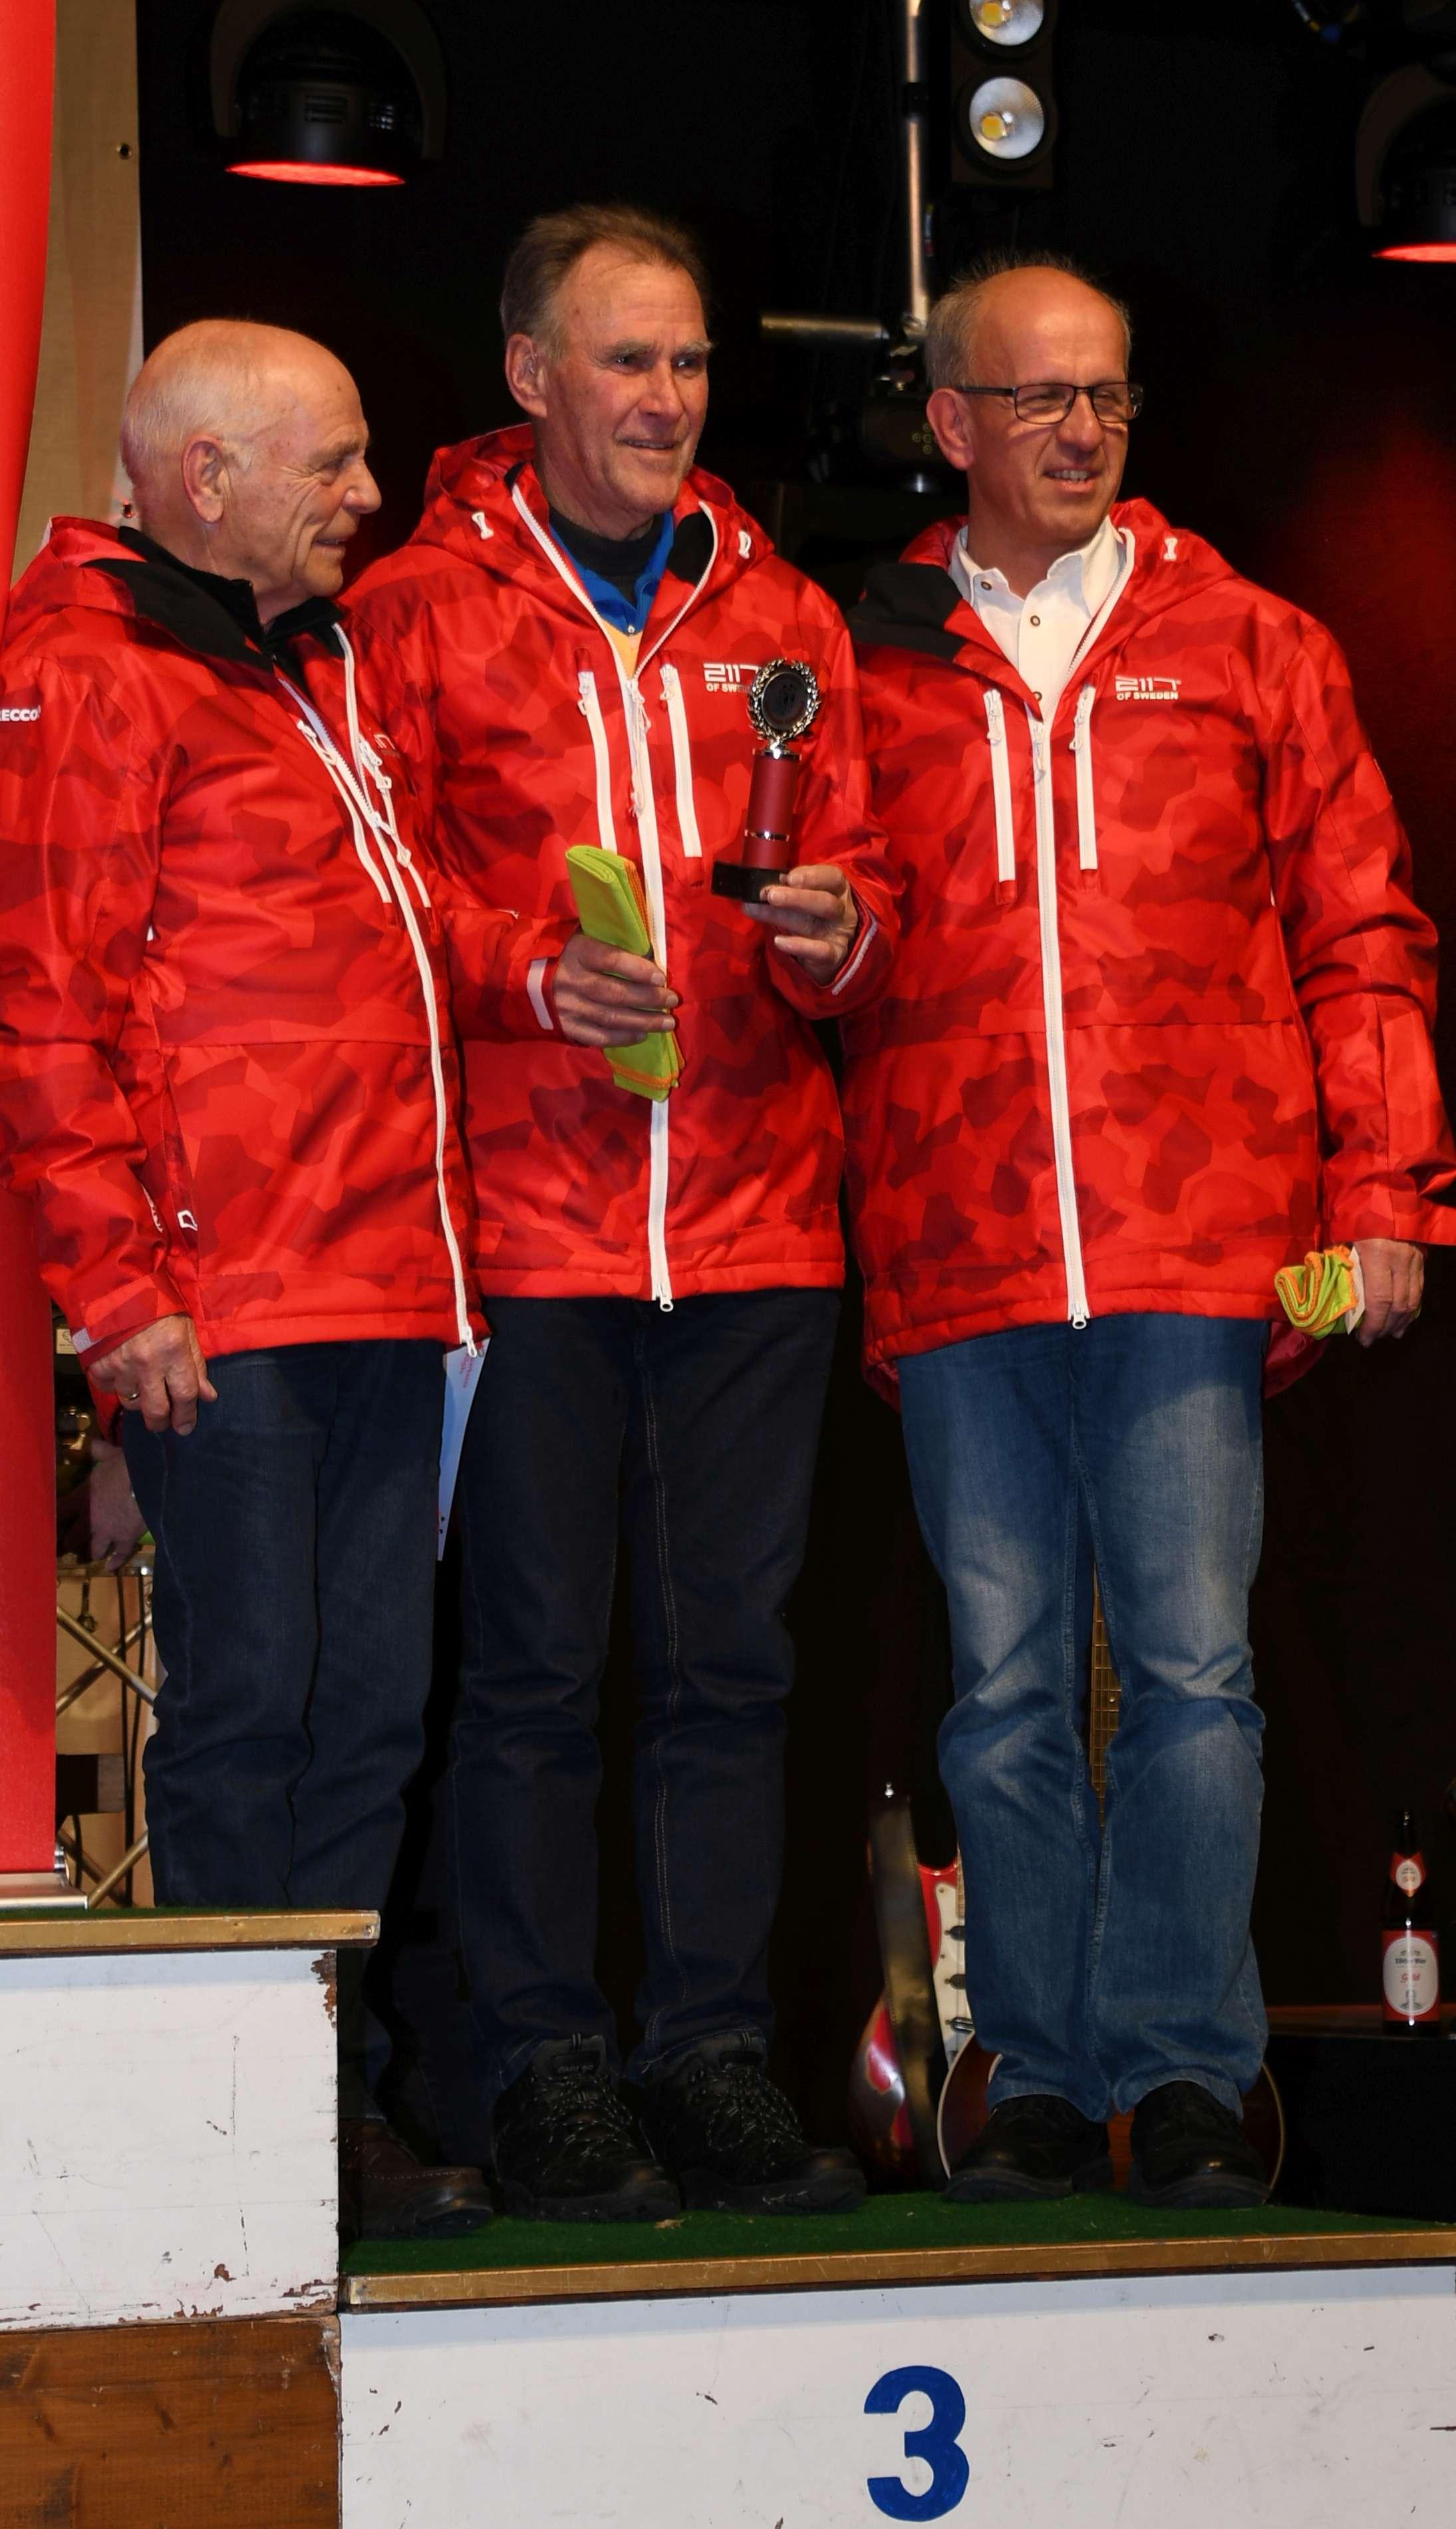 Platz 3 für Senioren der Sparkasse Allgäu: Alois Haberstock, Dieter Müller und Josef Rothärmel (v.l.)